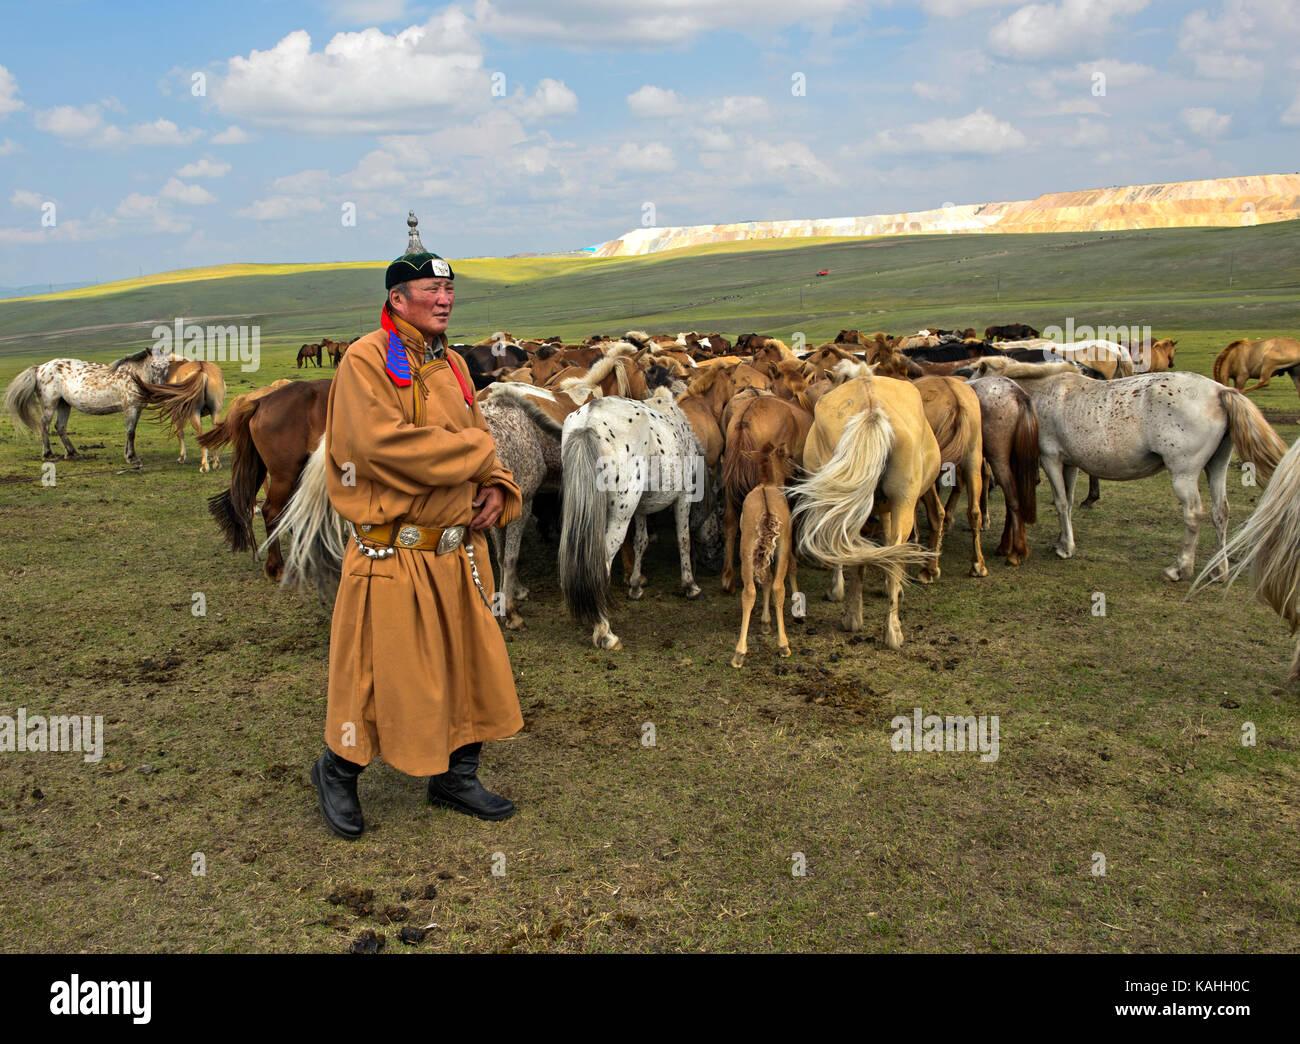 L'homme de Mongolie, de l'honneur, en costume traditionnel avec des troupeaux de chevaux, de la Mongolie Photo Stock